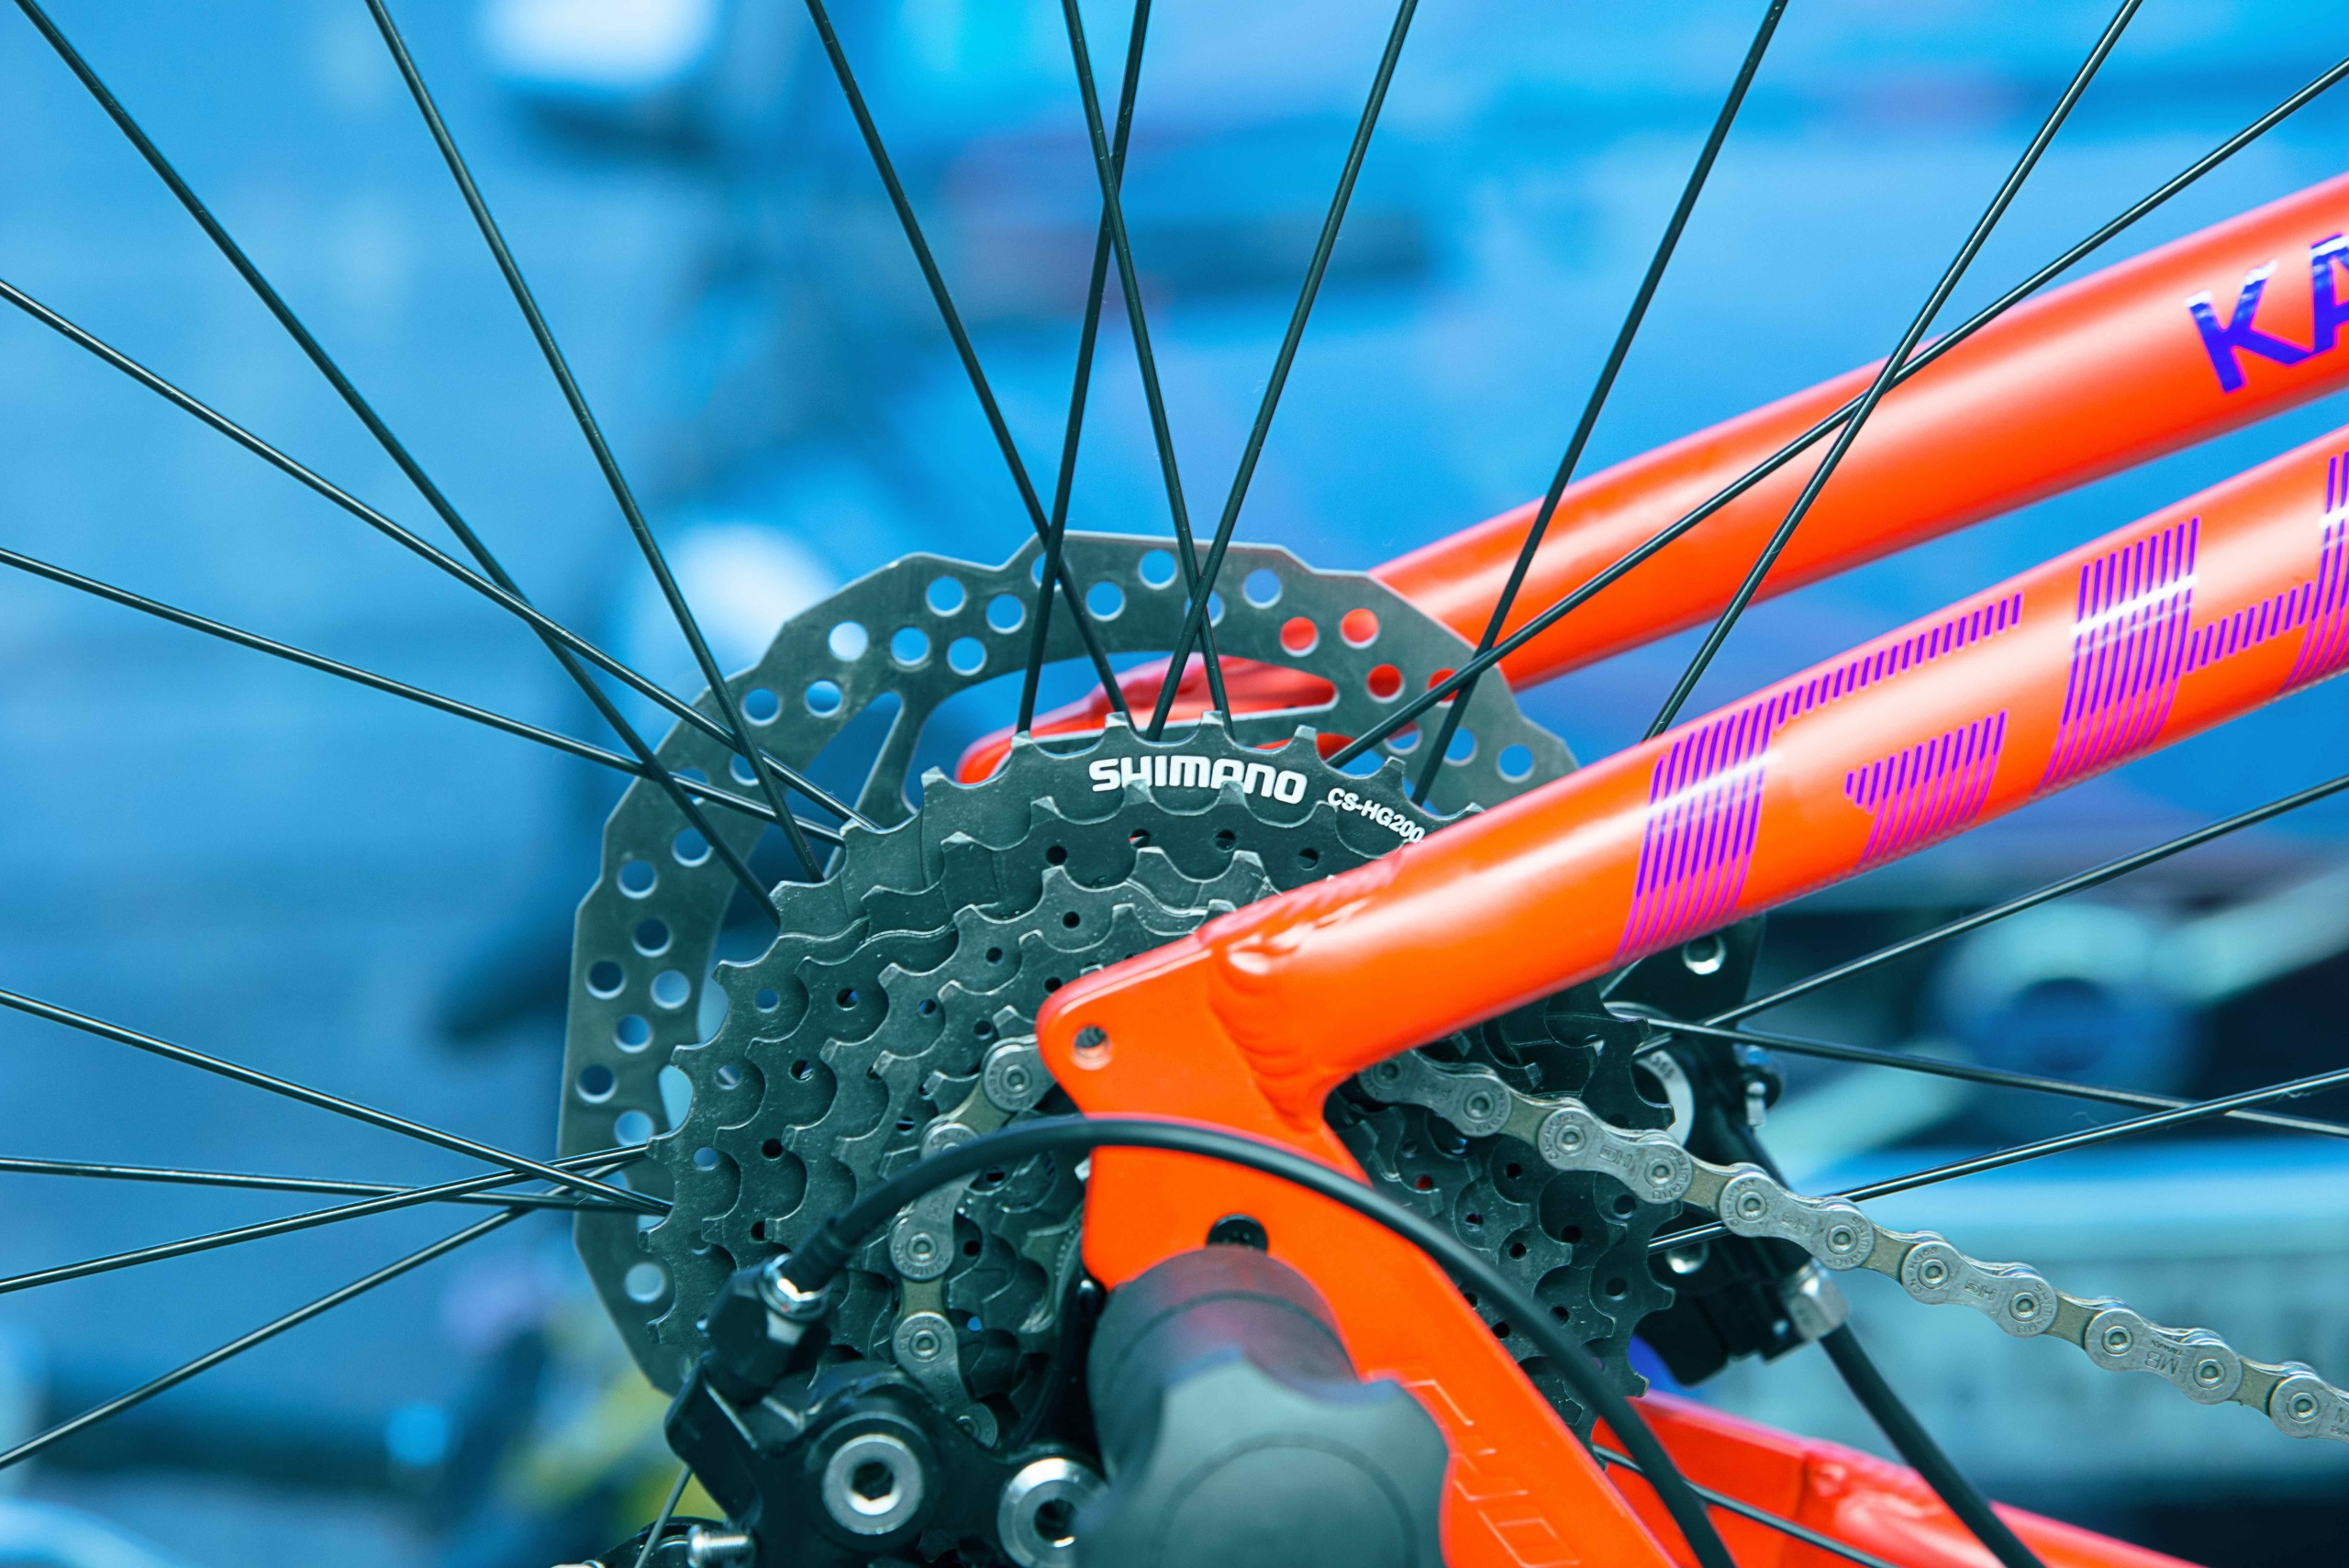 Bikestation Freising _ Zahnkranz Shimano